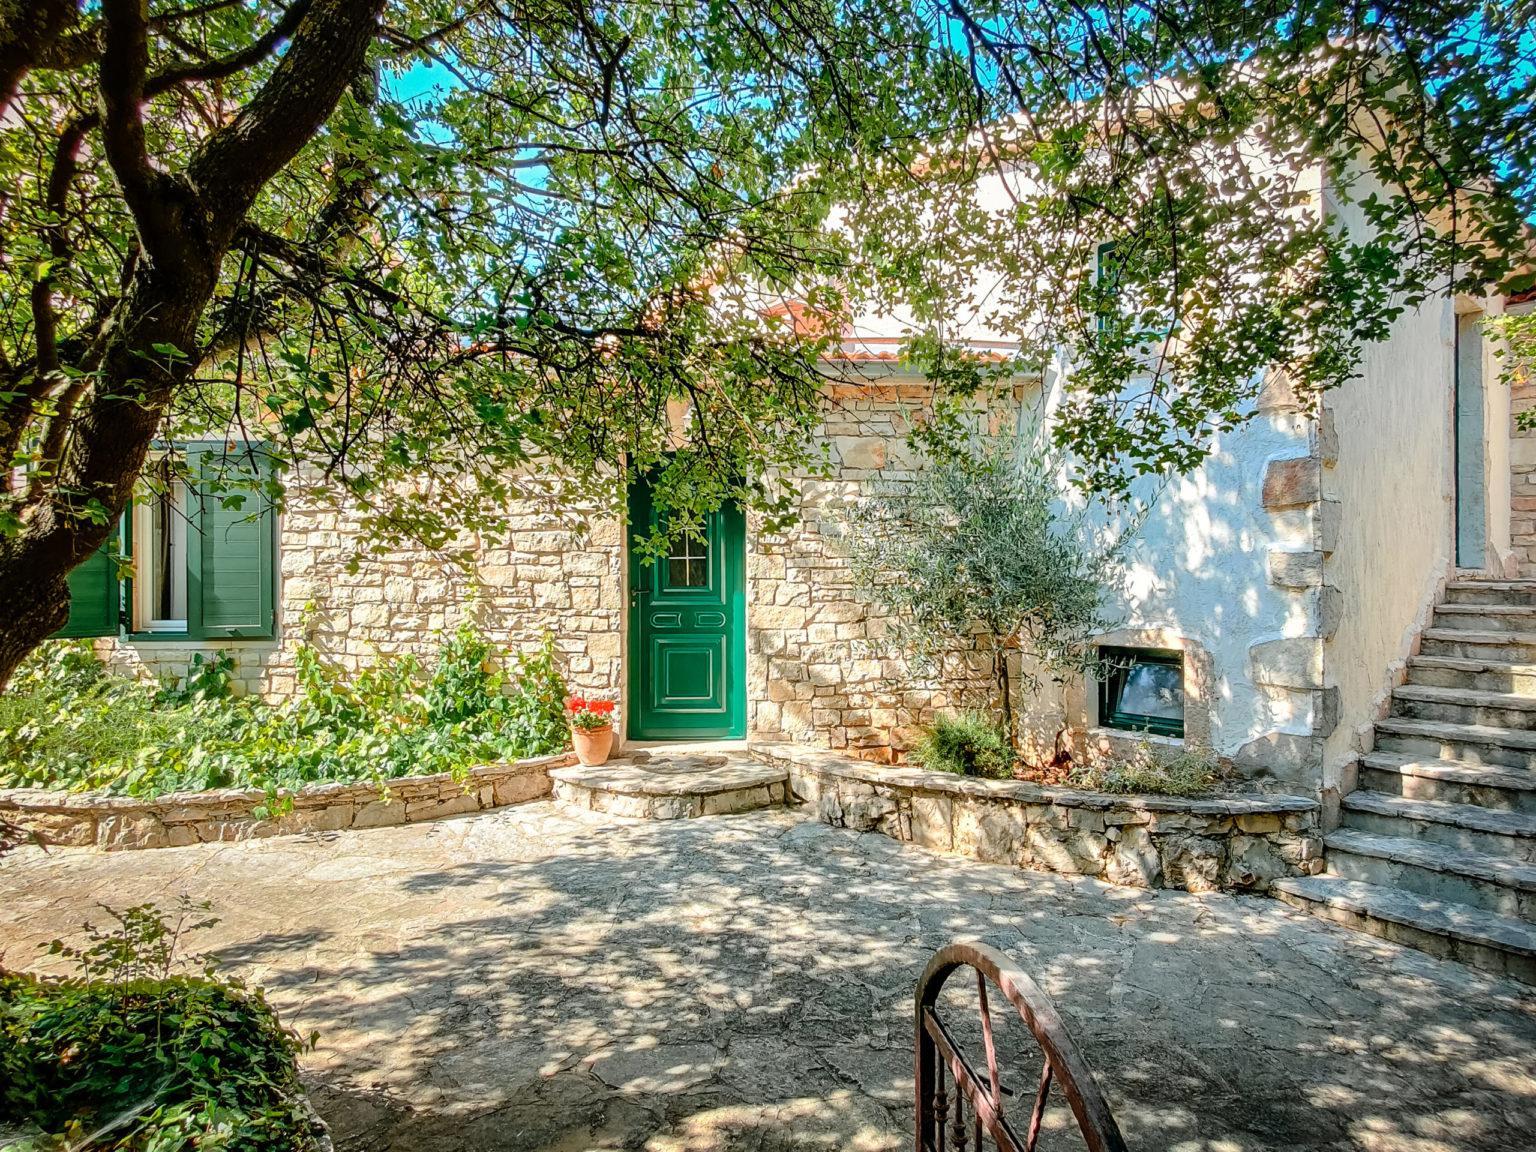 hochzeitslocation Kroatien location hochzeit heiraten 15 2 scaled - Stone House